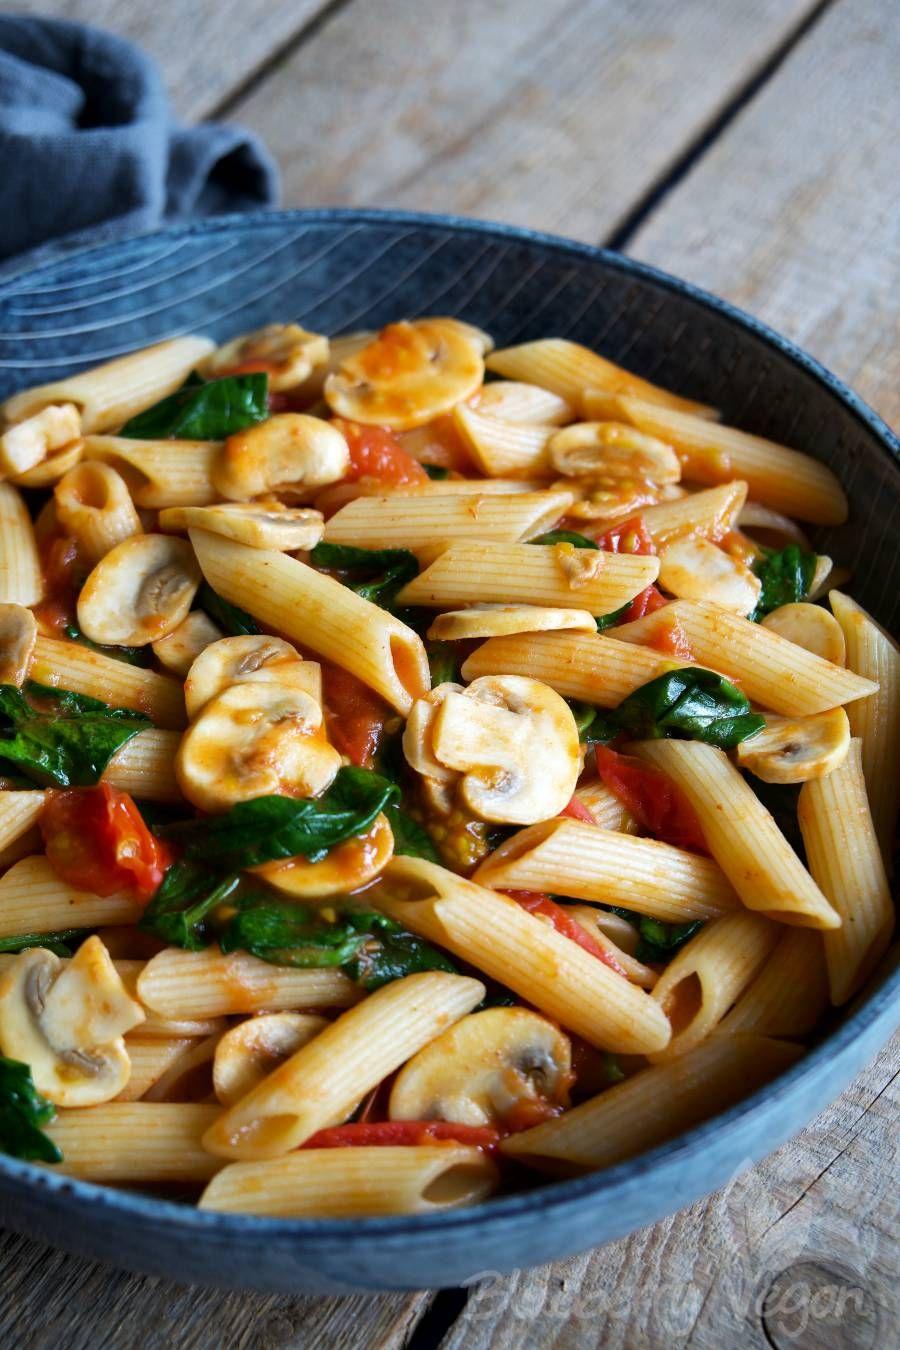 Schnelle Pasta mit Tomaten, Pilzen und Spinat | Rezept ...